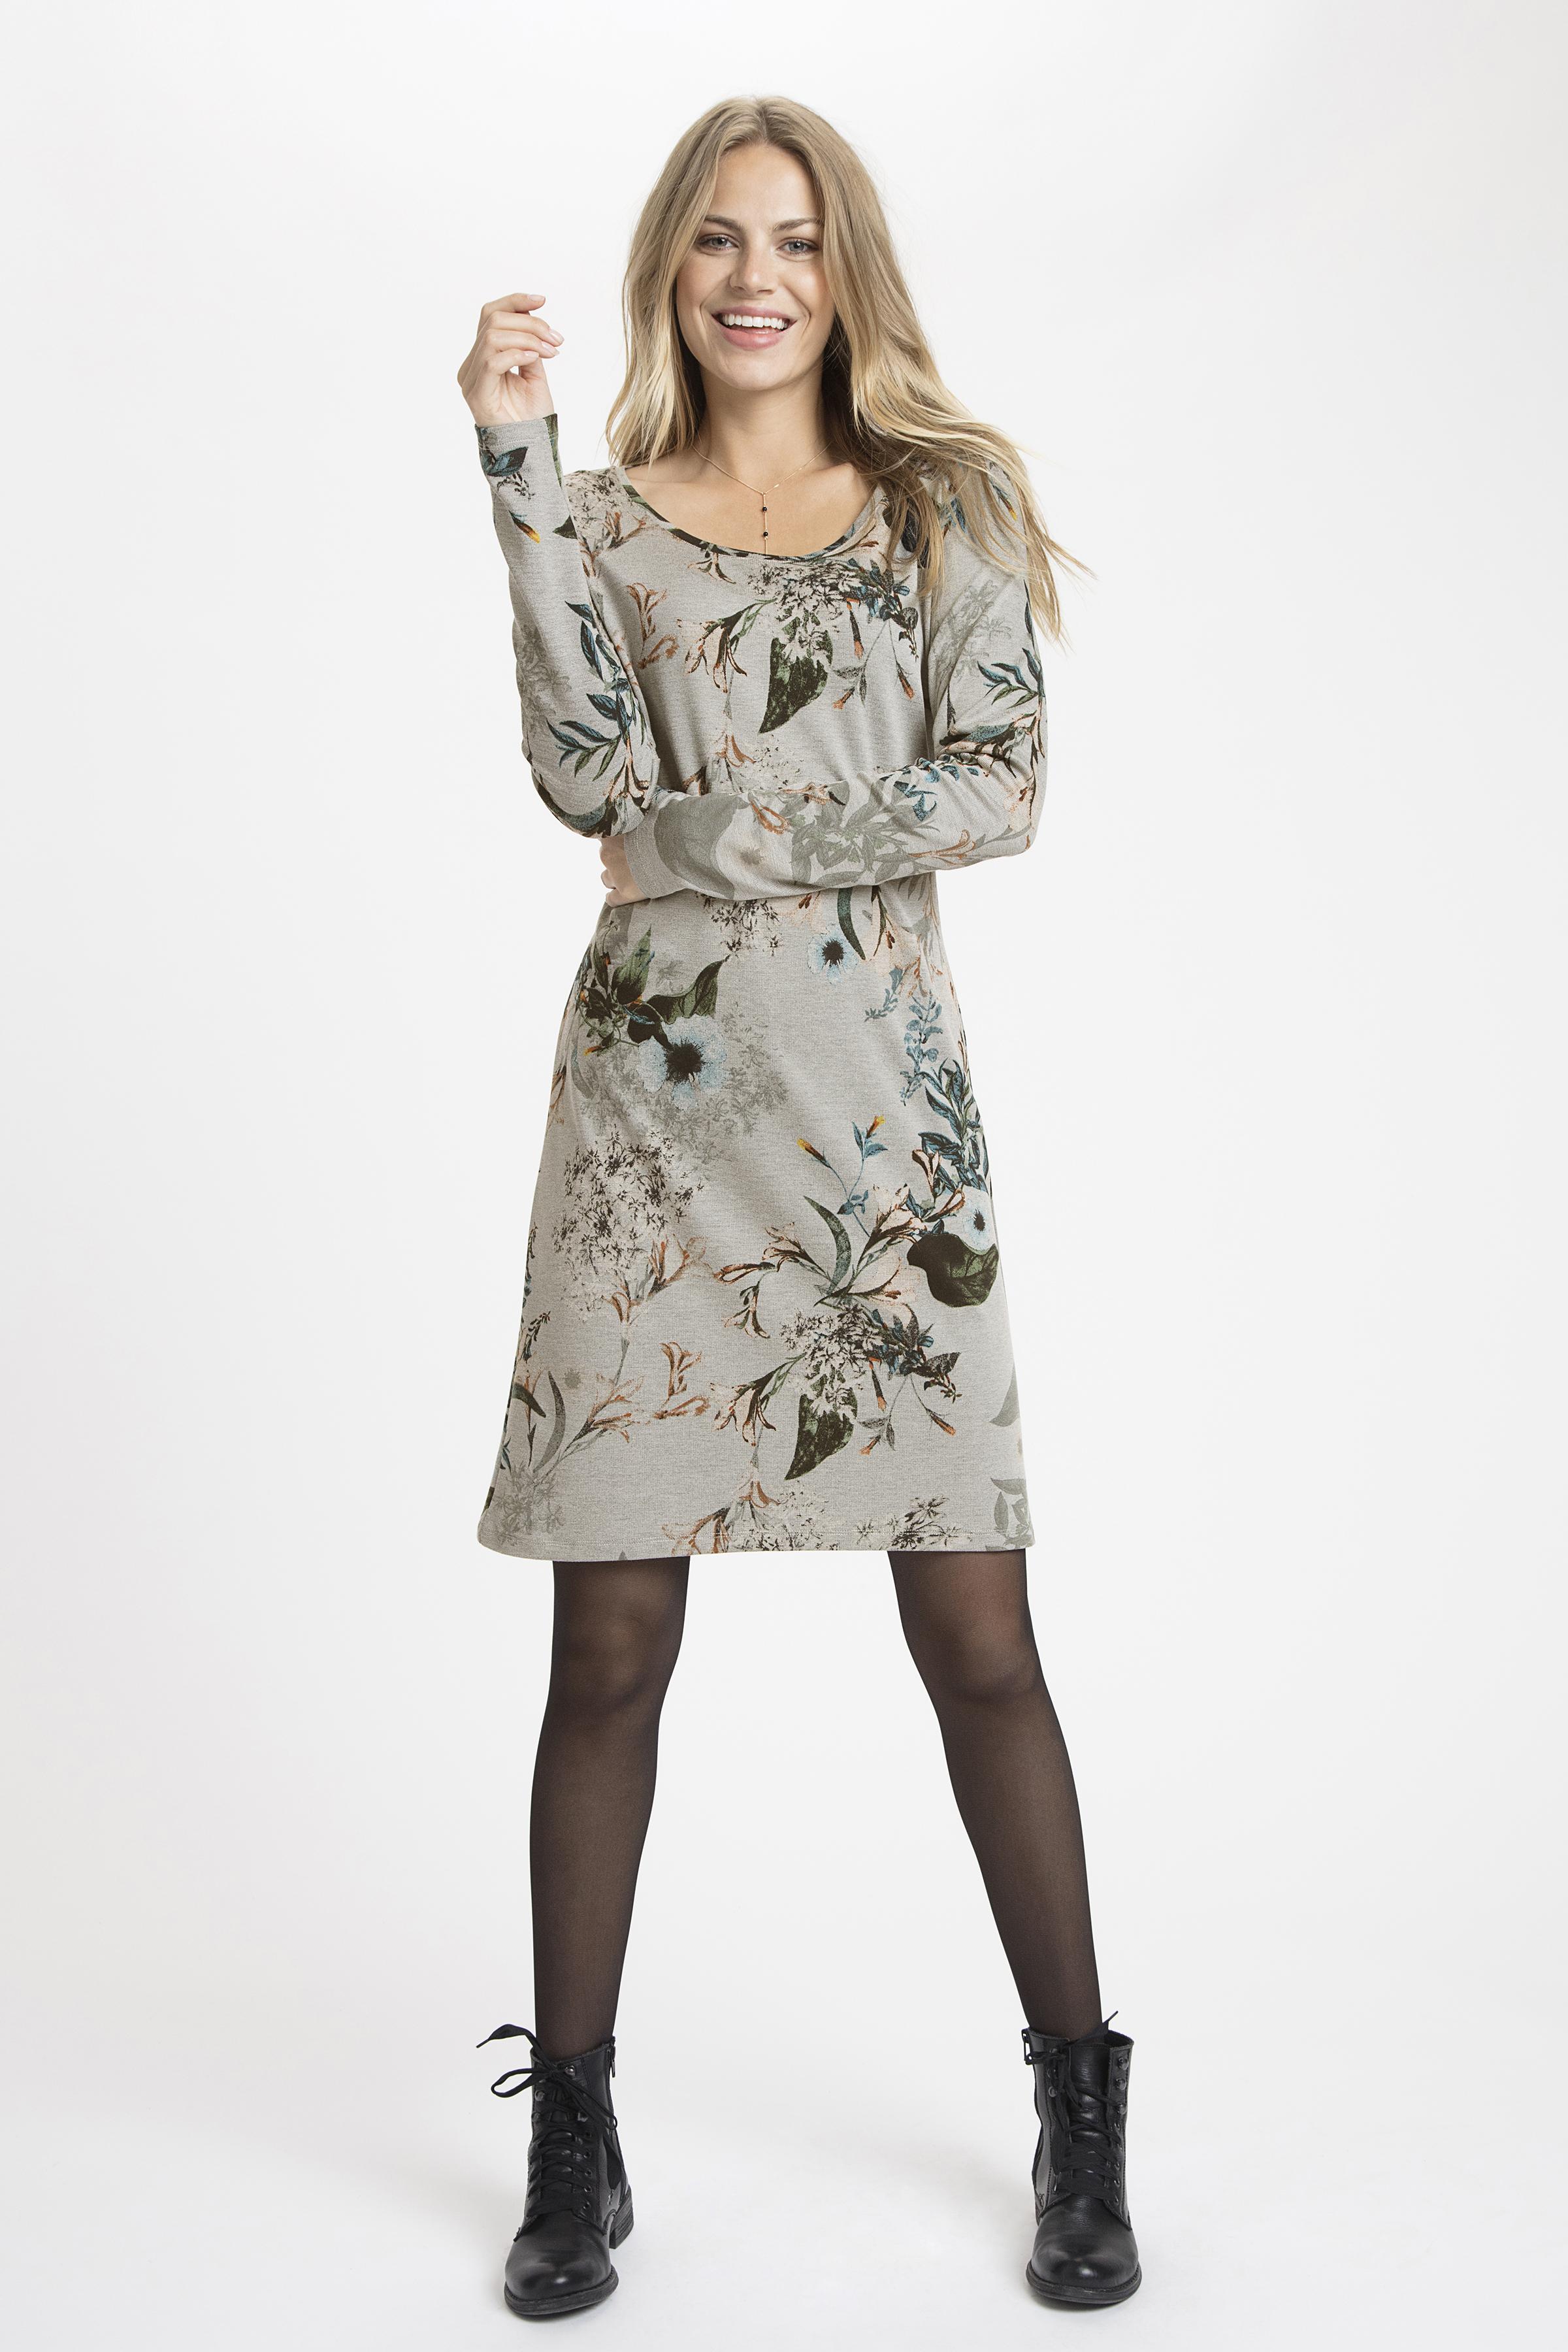 Grau meliert/wollweiß Kleid von Cream – Shoppen Sie Grau meliert/wollweiß Kleid ab Gr. XS-XXL hier